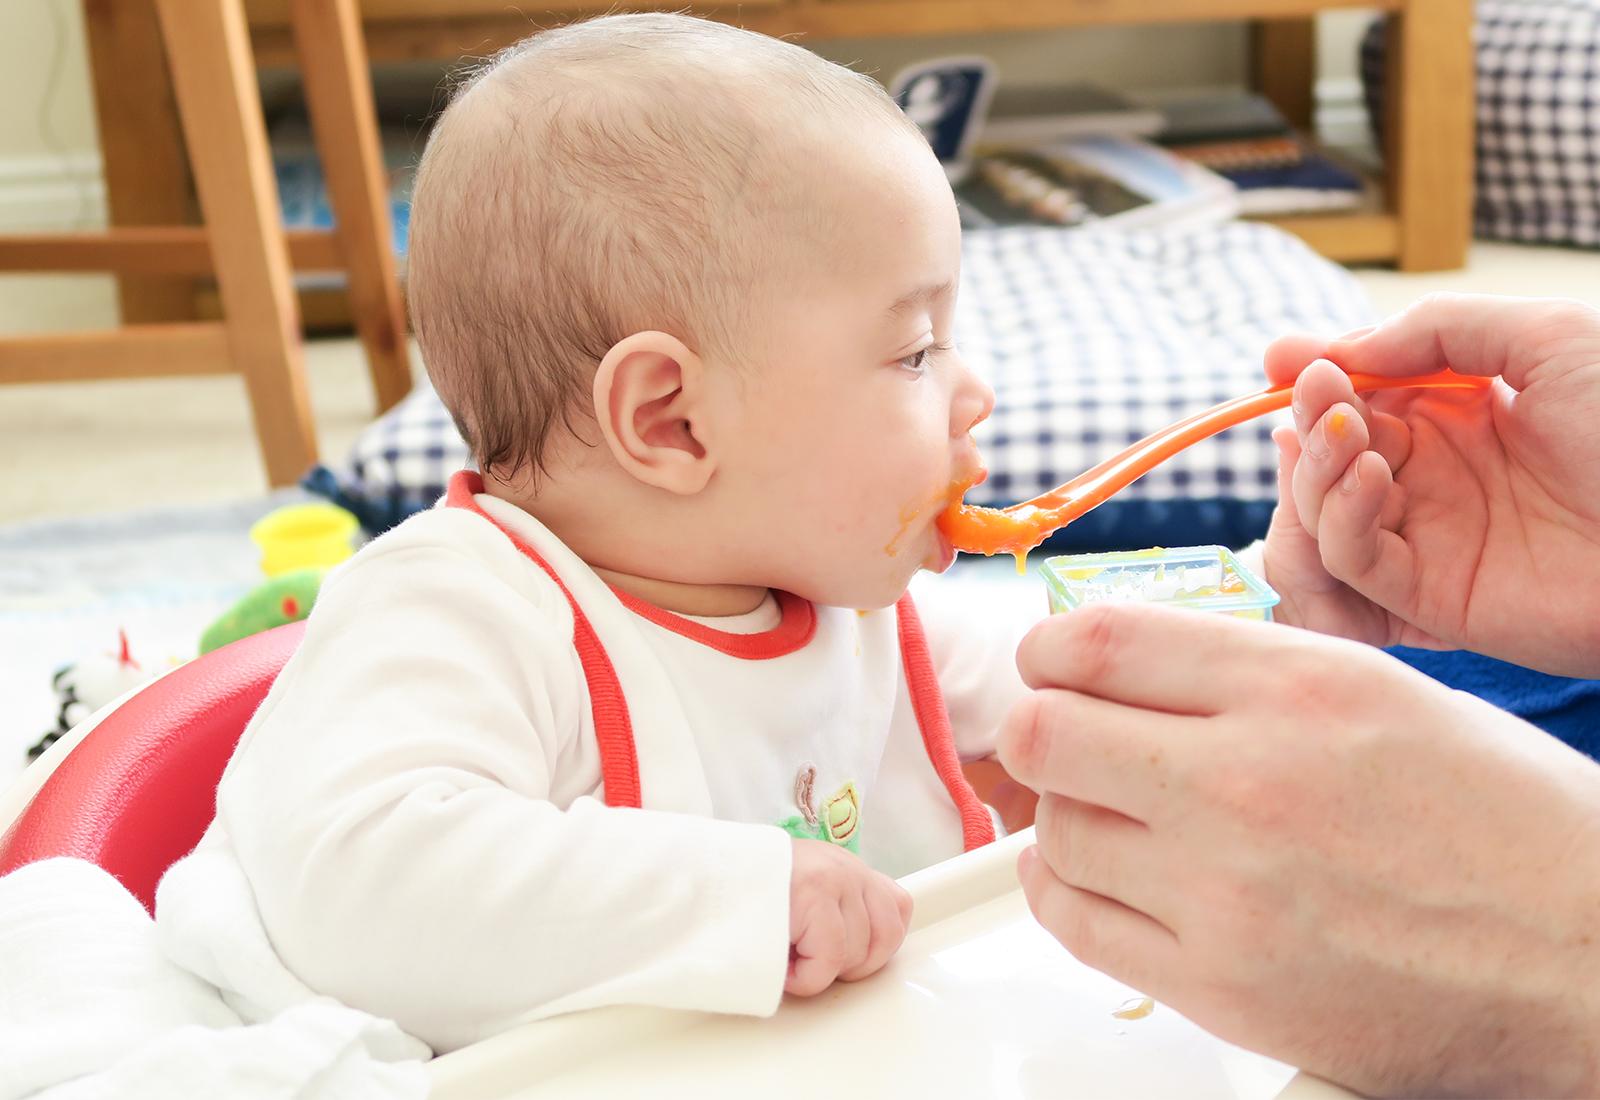 Child development in 7 months